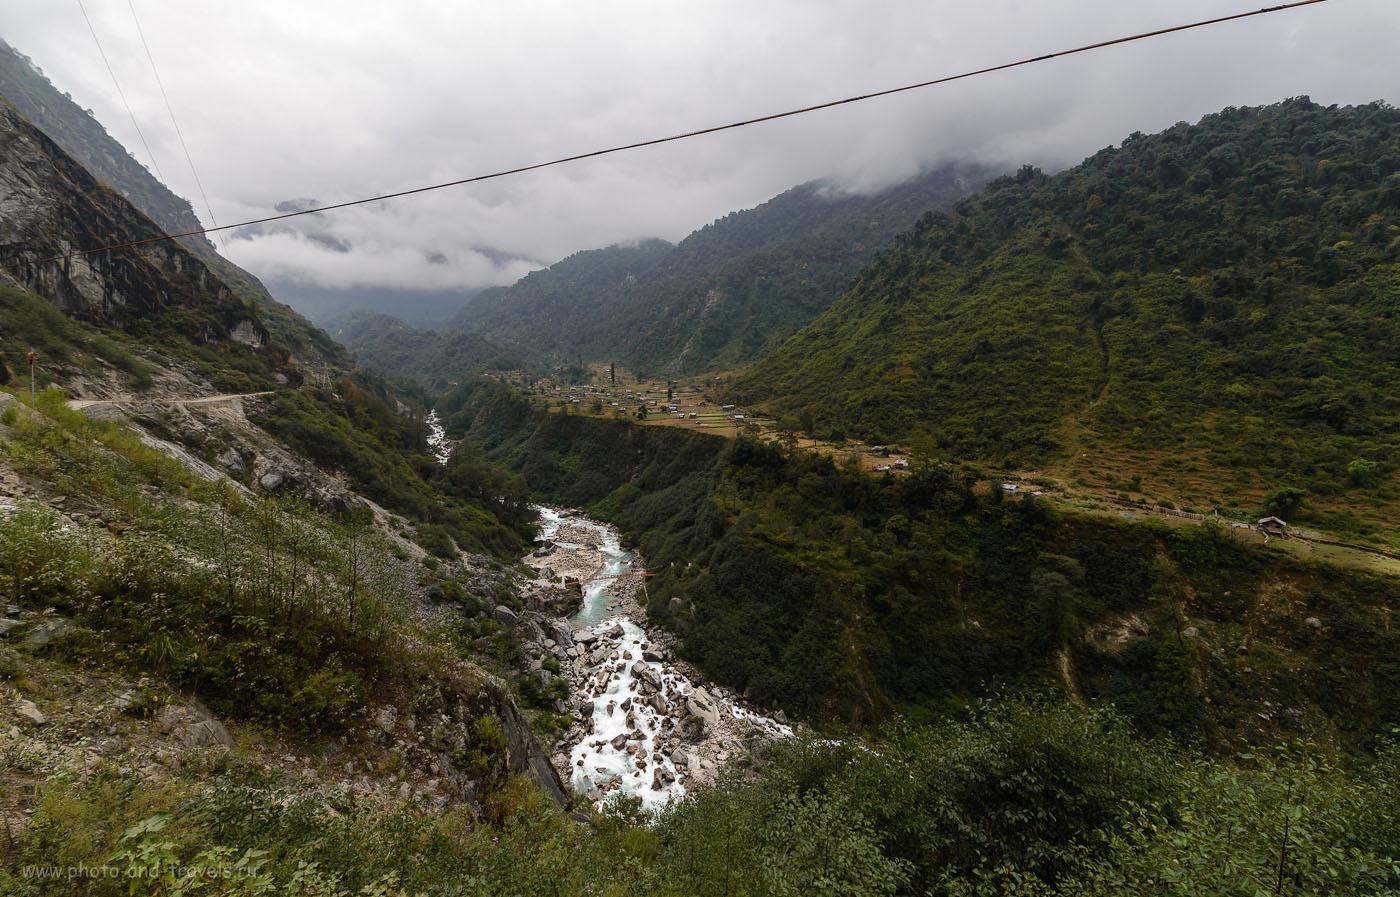 Снимок 7. «Терраса» в горах на подъезде к деревне Lachung на севере штата Сикким. Отзывы туристов об отдыхе в Индии.